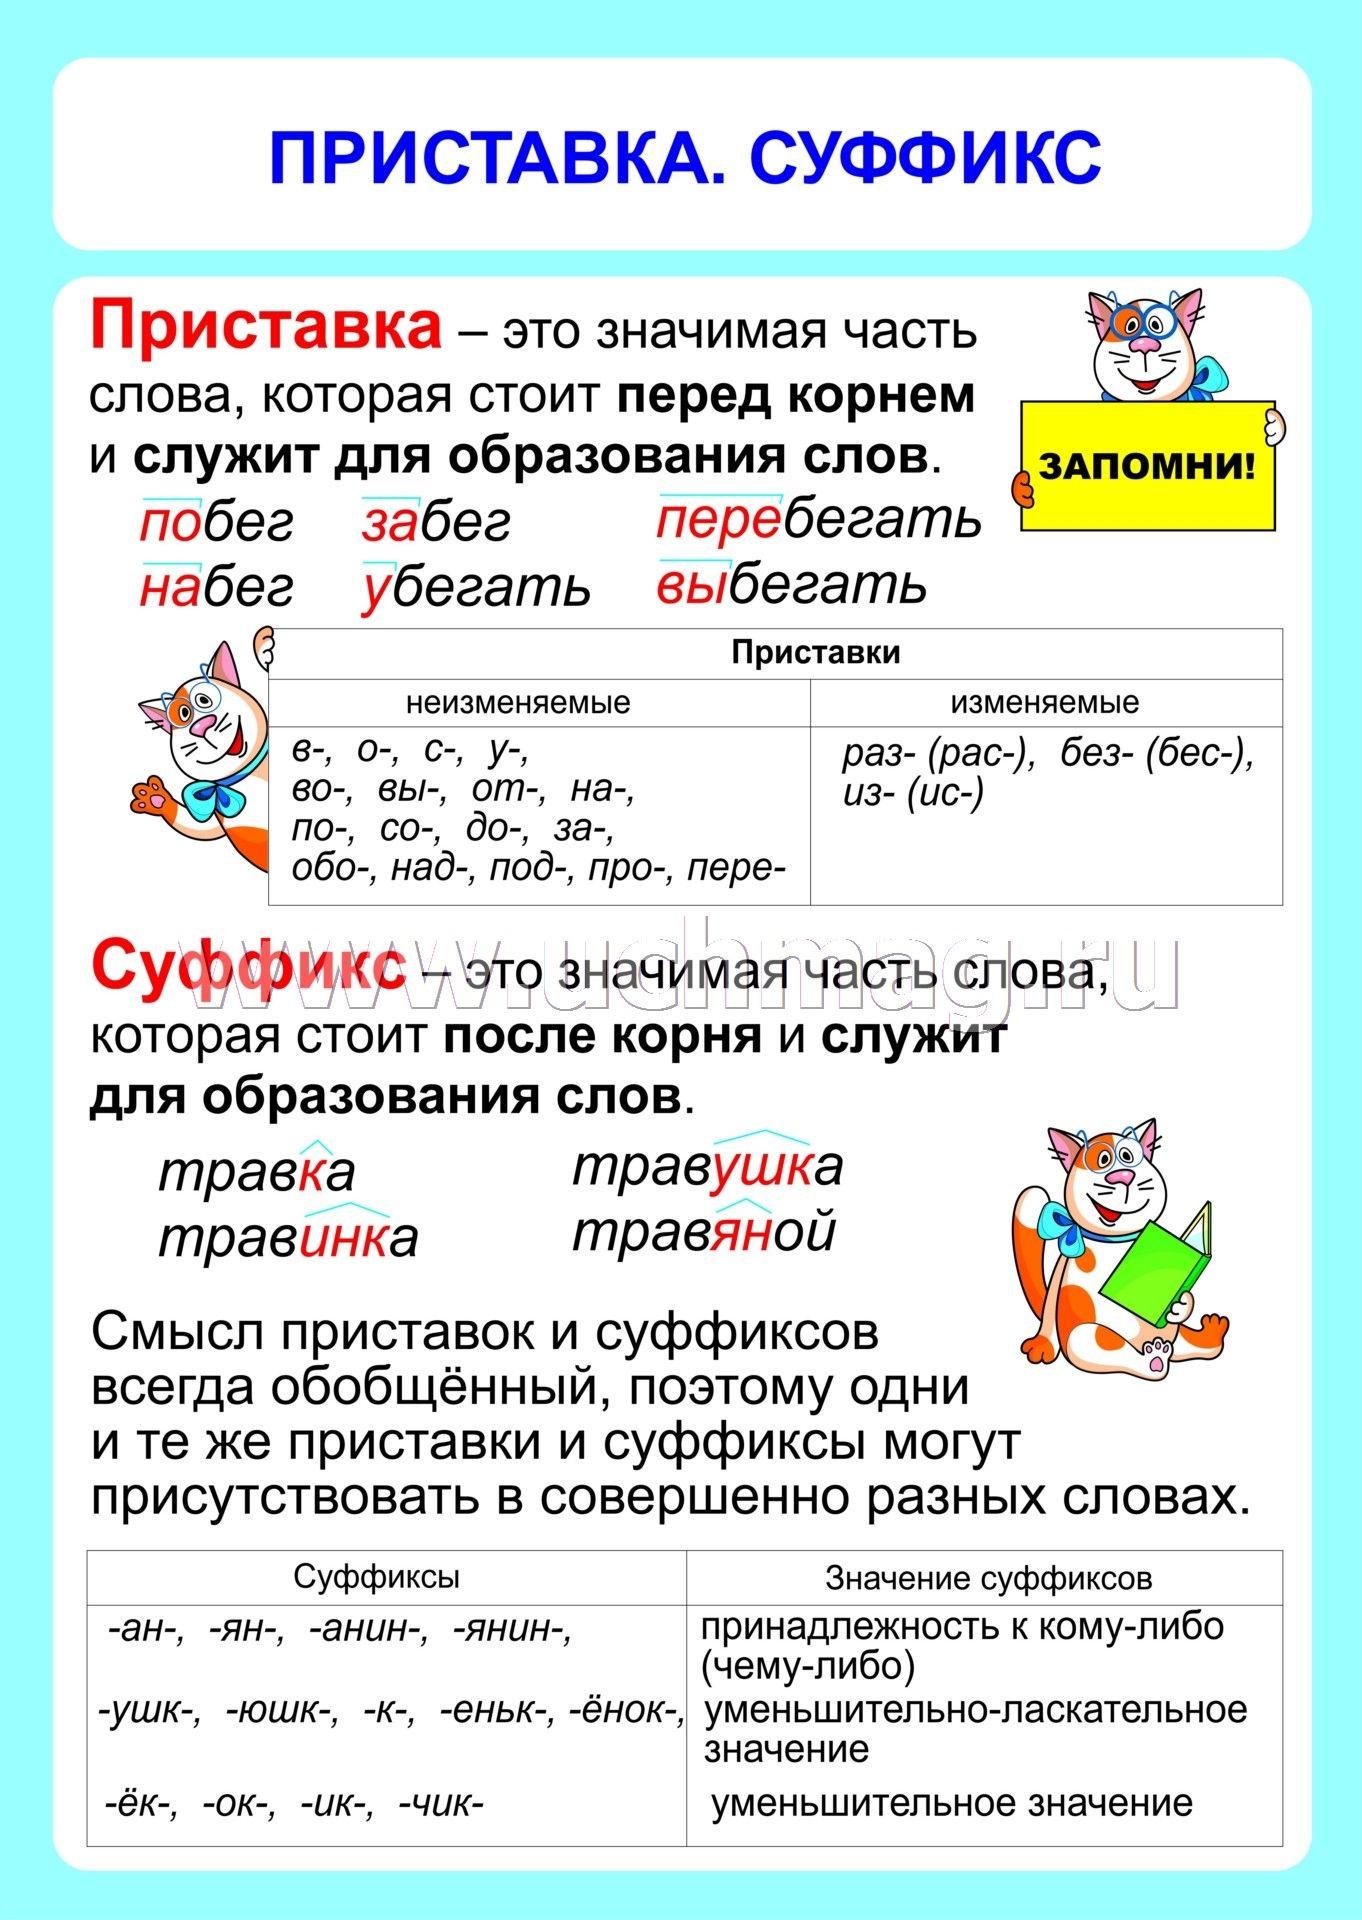 слова таблицах картинках в состав